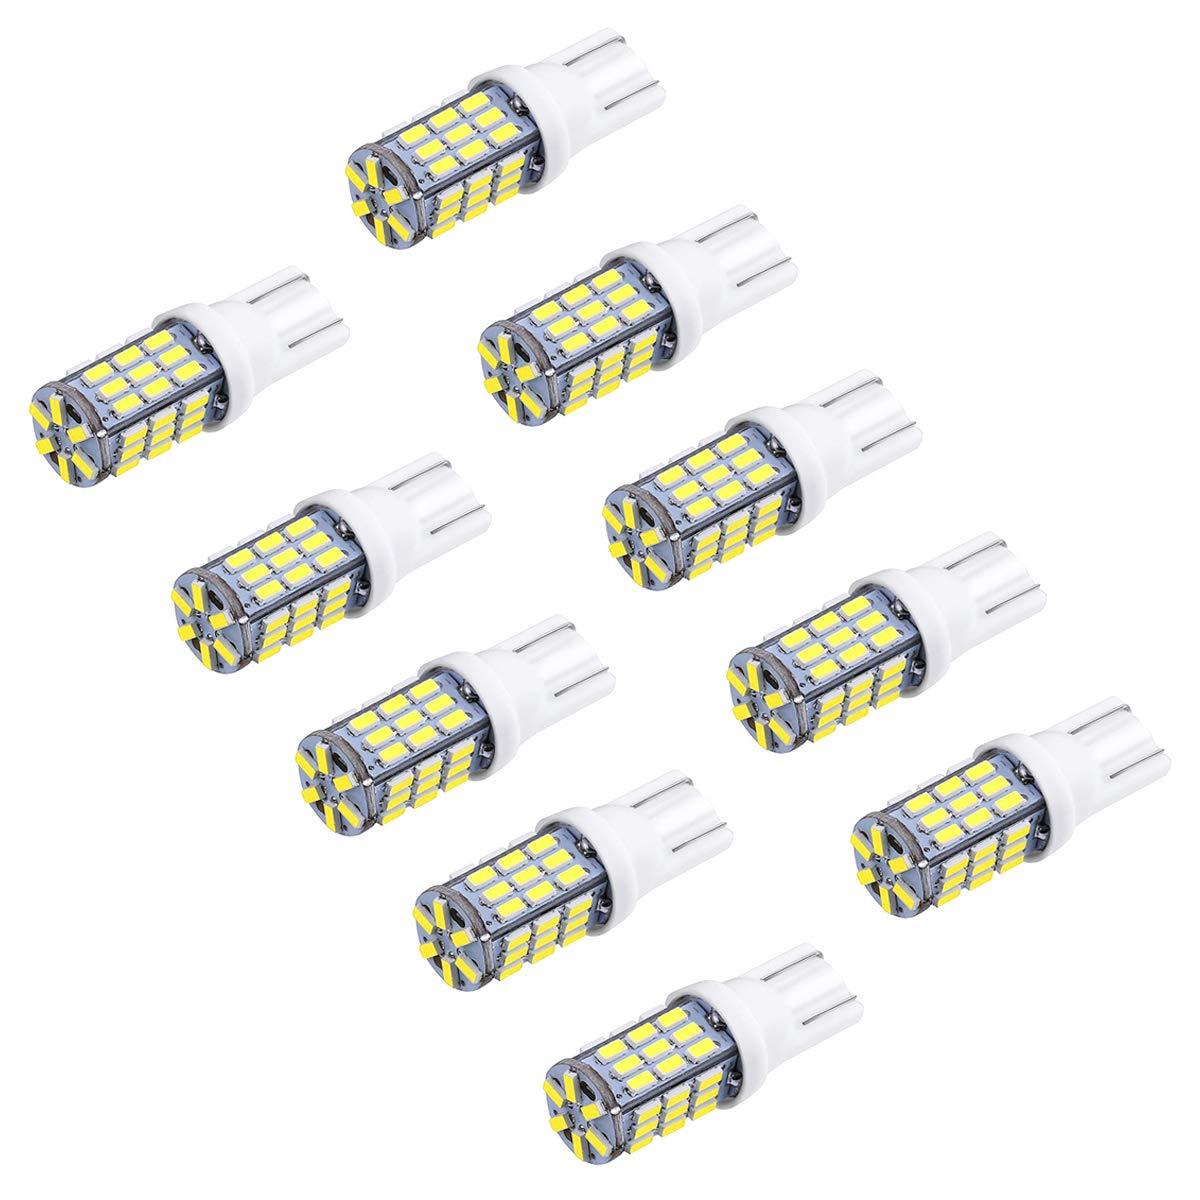 LegendTech 10PC Lampadine LED auto - lampadine - bianco LED luci dell'automobile Bulb - 3014SMD T10 5W 500LM DC12V - per Interior Segnale, Cupola, Tronco, Cruscotto, Diretto Replacment Interni Segnale Lettura Cruscotto